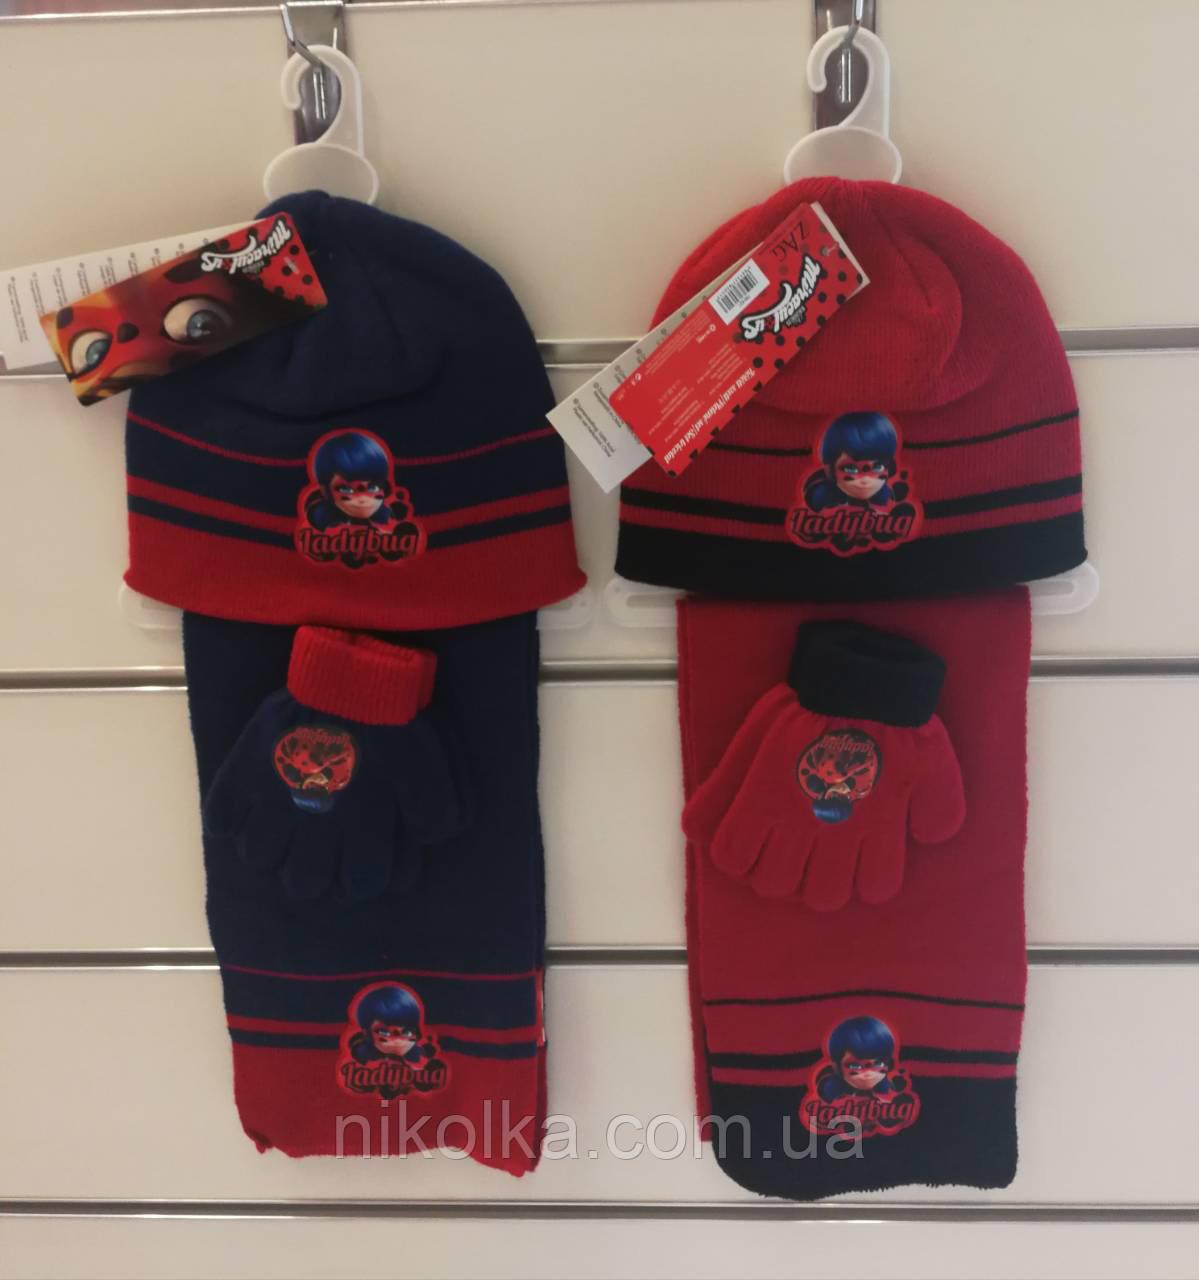 Шапки+перчатки+шарф для девочек оптом, Disney, 3-8 лет, арт. 780-621